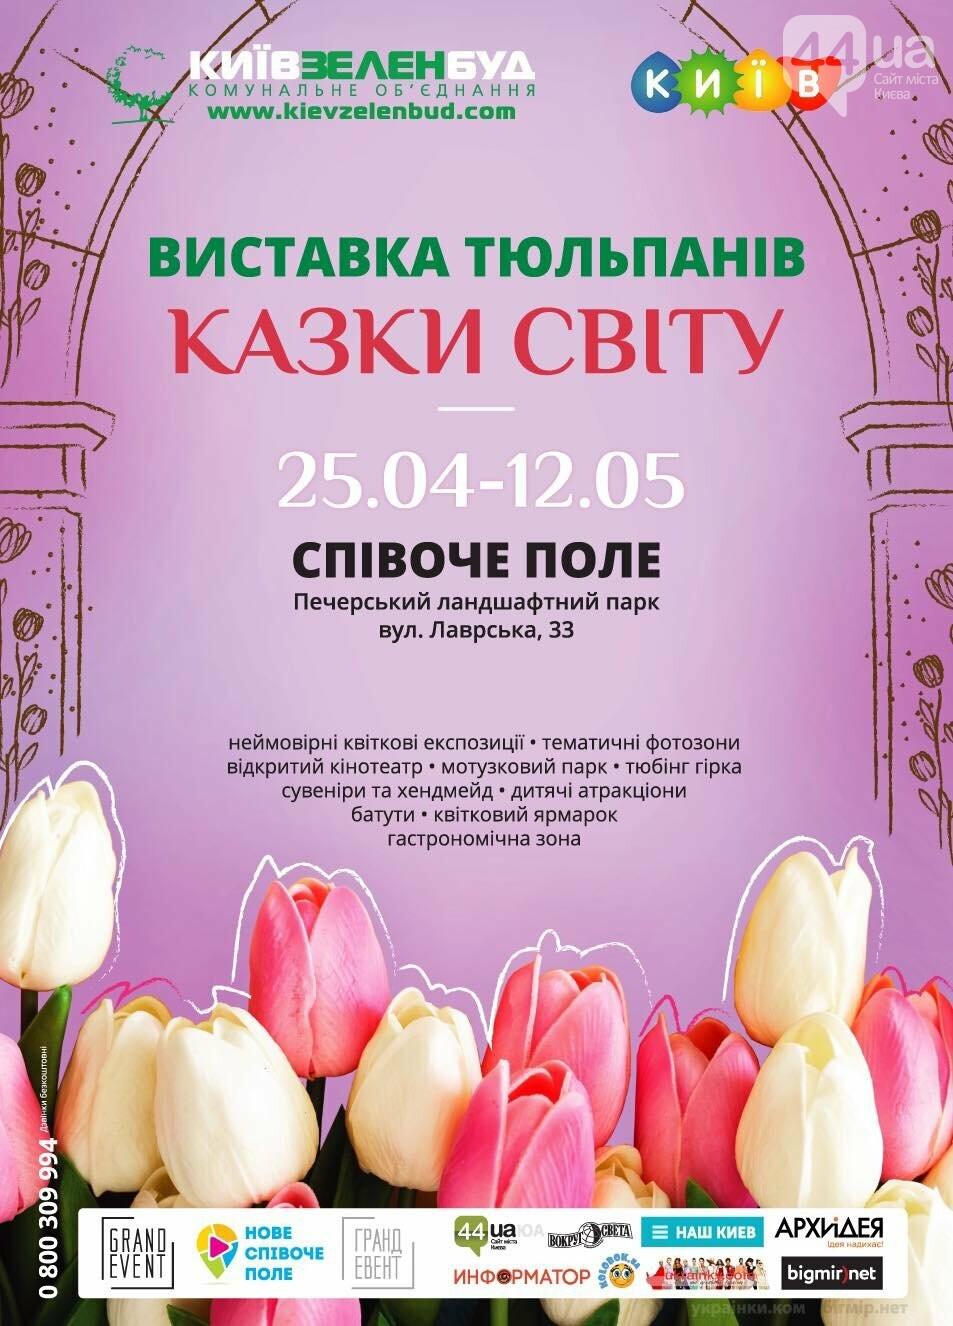 В Киеве открывается ежегодная выставка тюльпанов «Сказки мира», фото-1